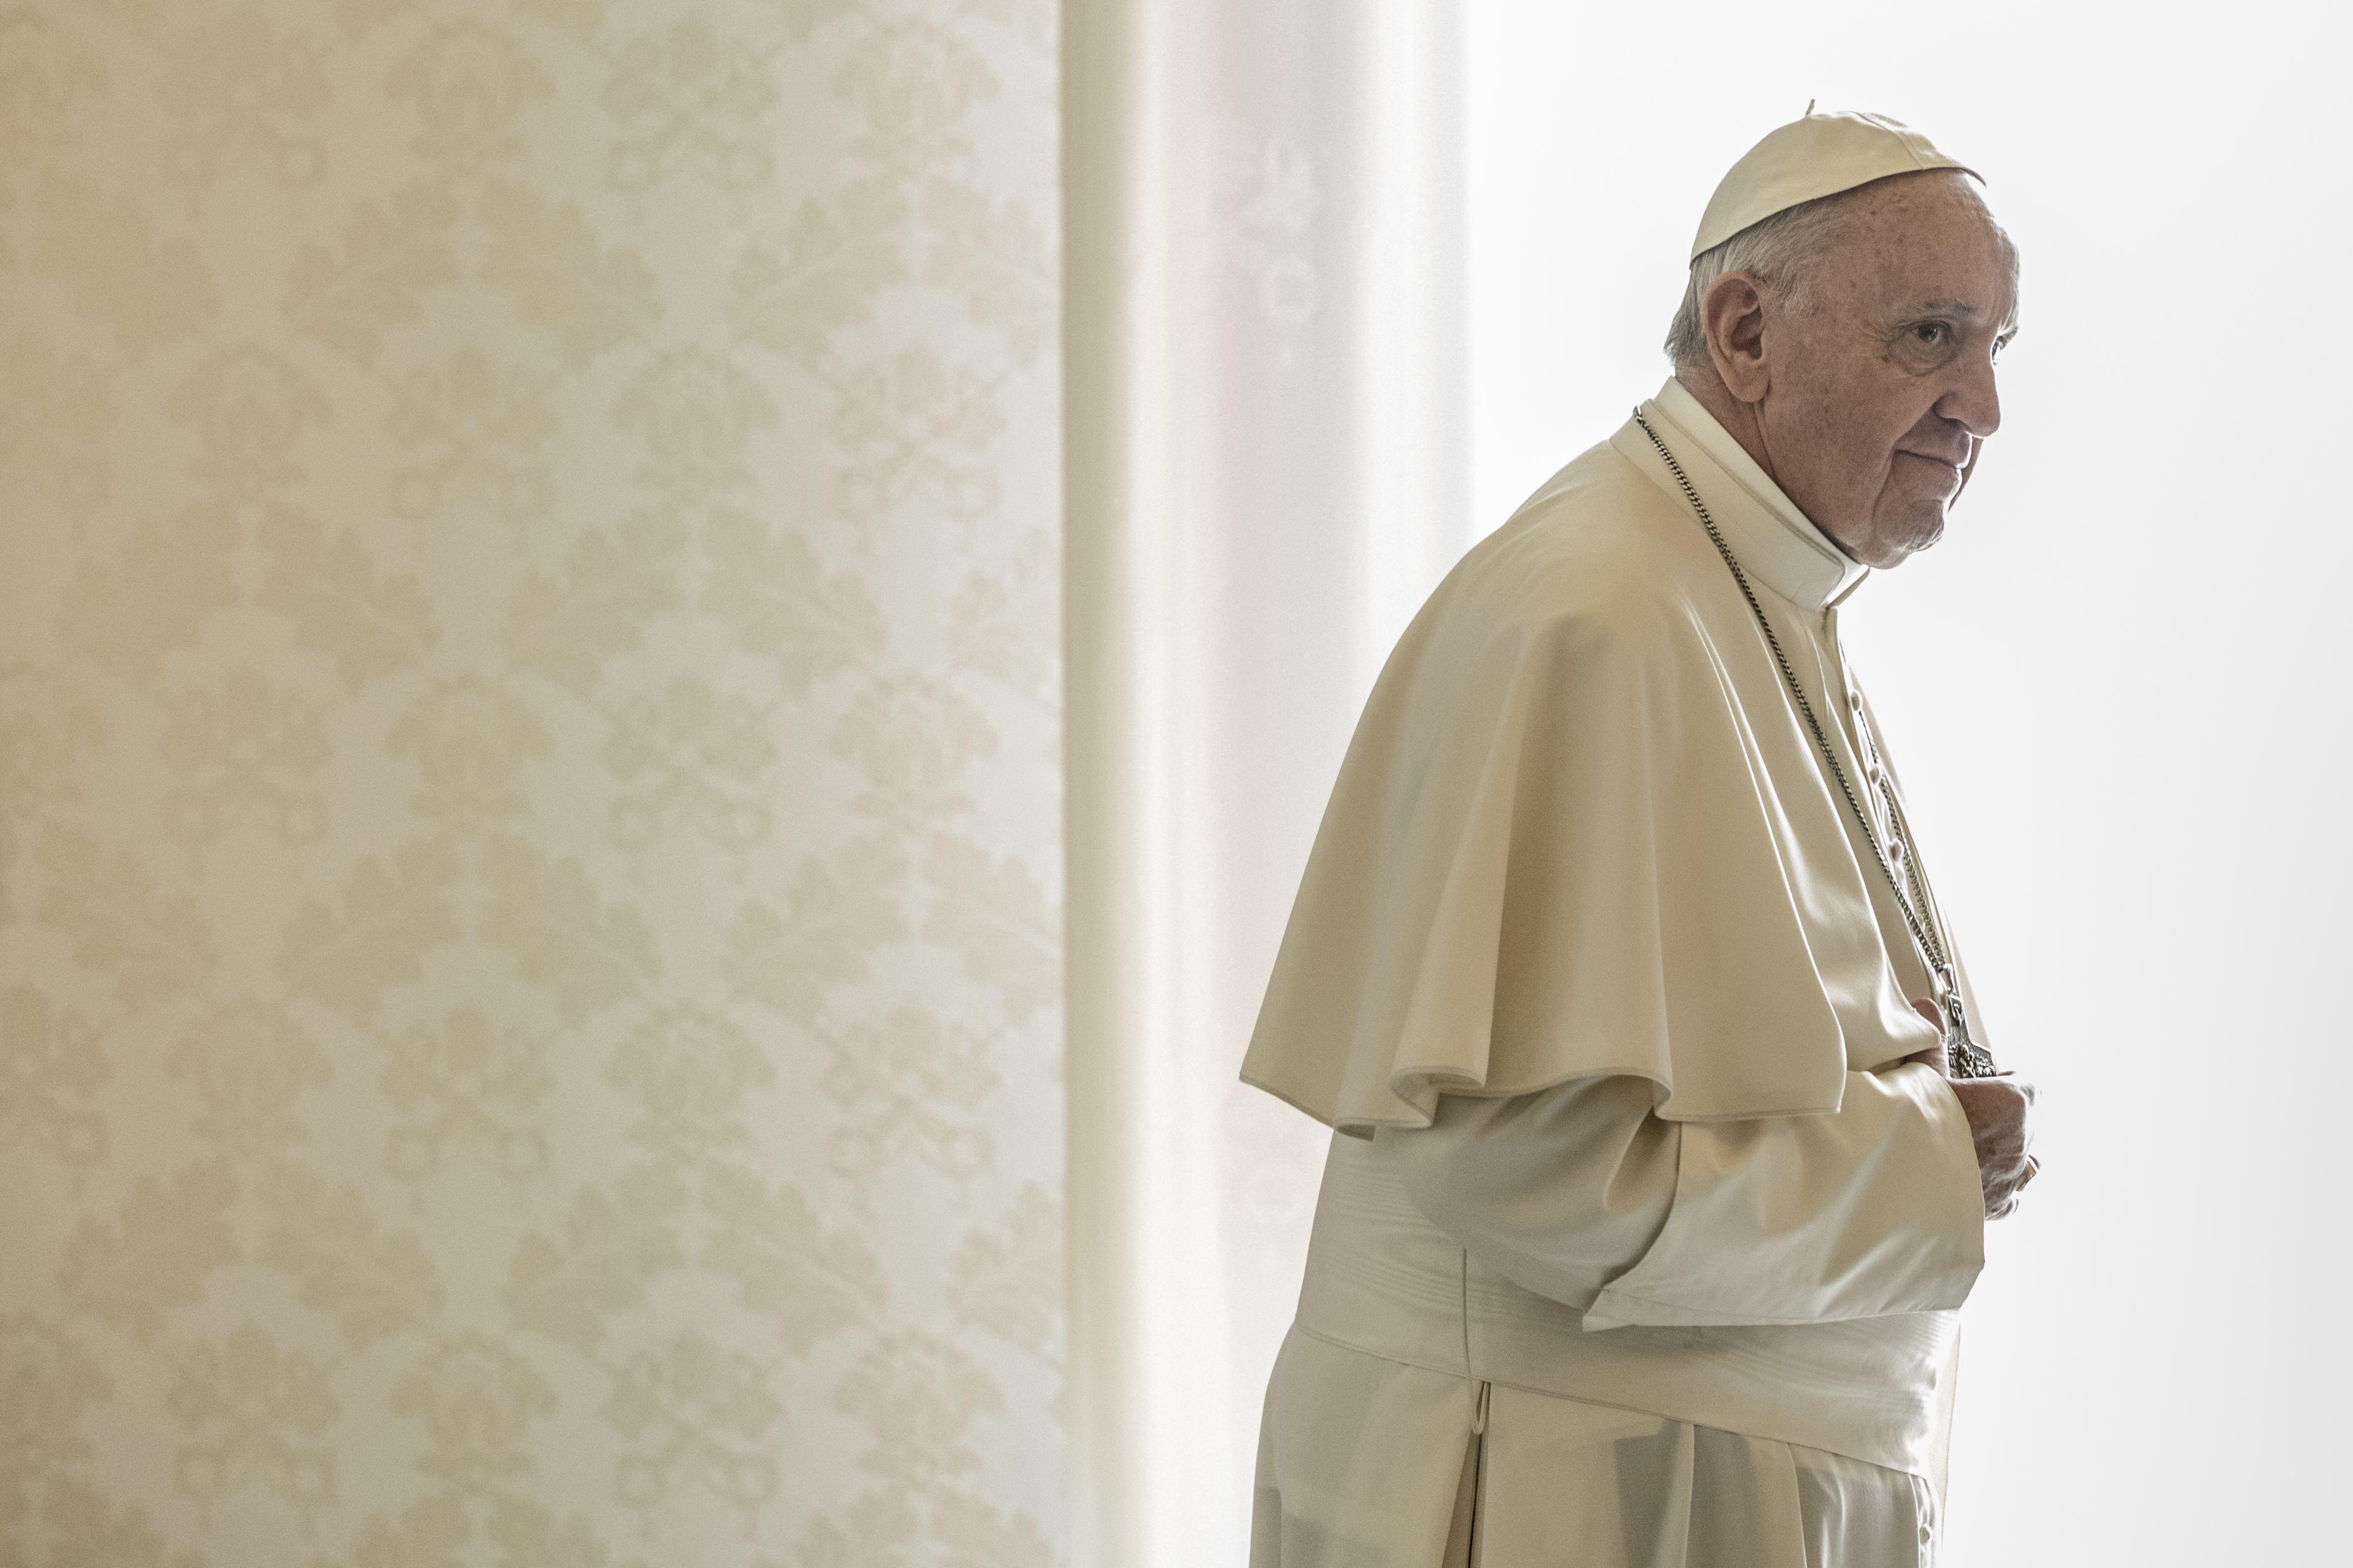 Papa Francisc denunţă folosirea telefoanelor mobile în timpul slujbelor religioase: În Sfânta Liturghie se spune: `Sus să avem inimile`, nu `sus să avem telefoanele pentru a face fotografii`